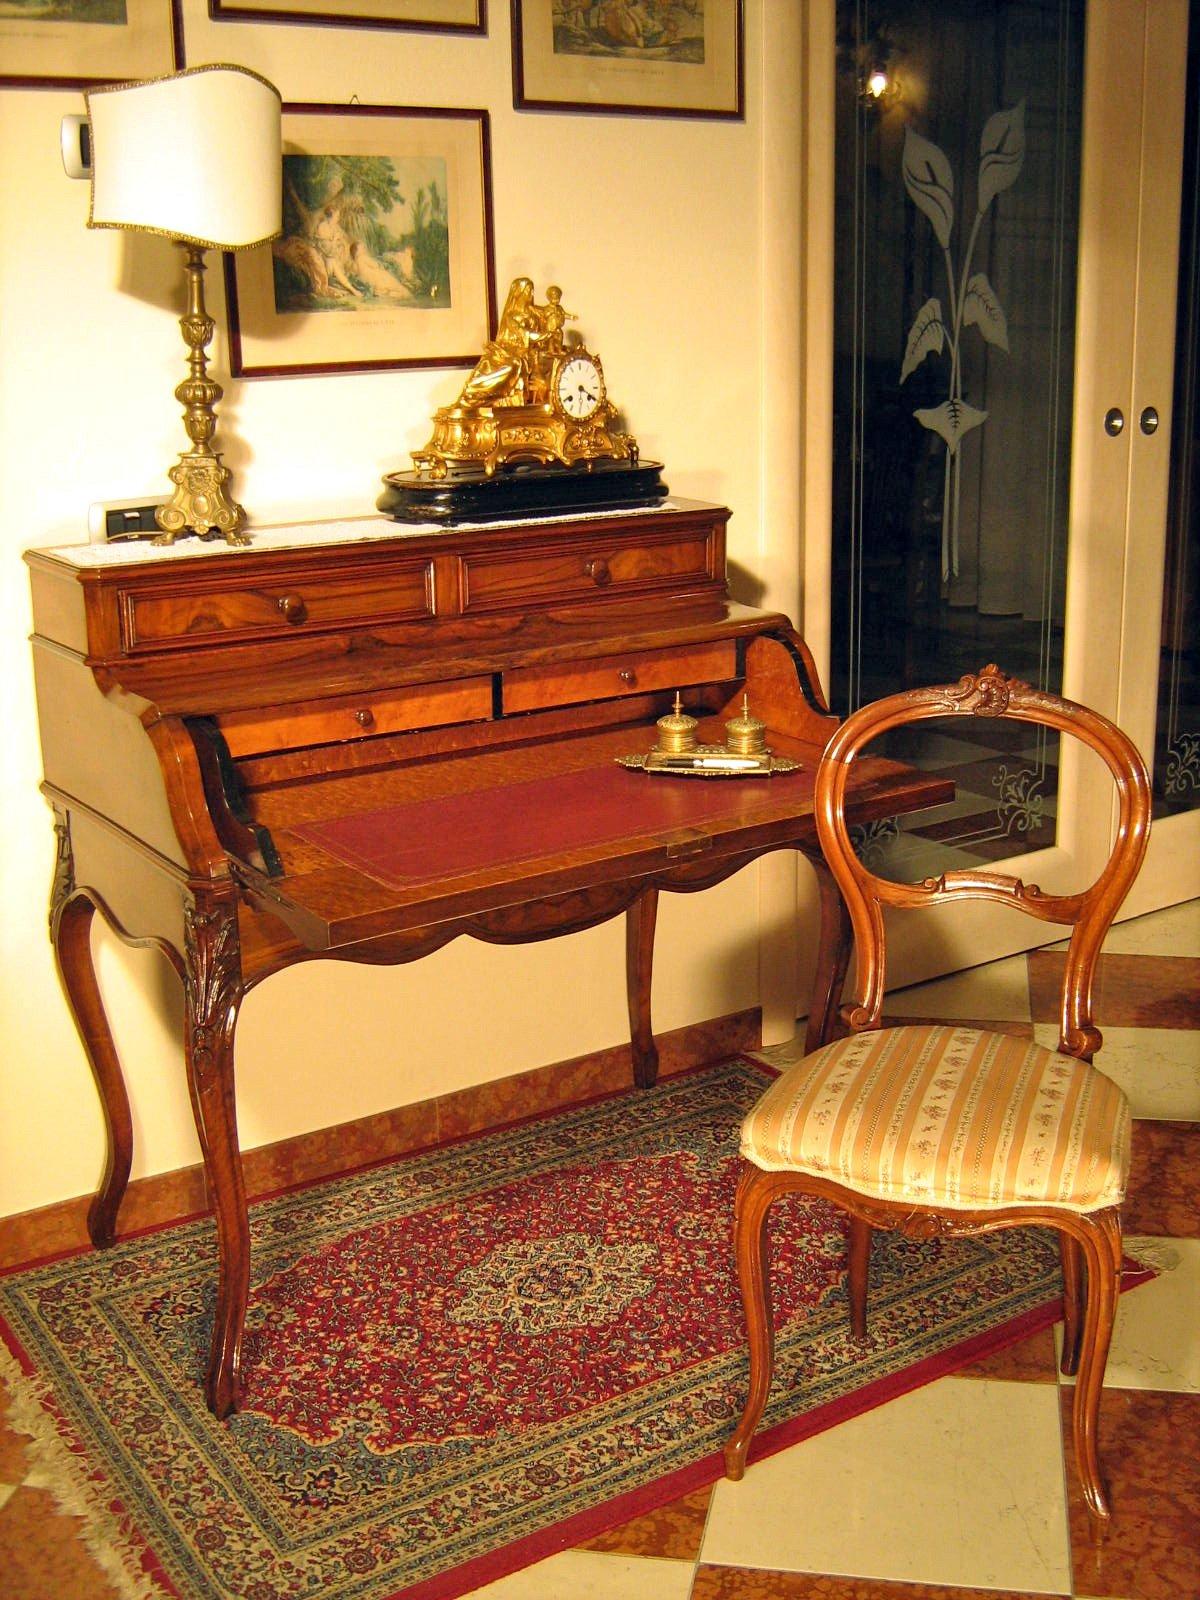 antiquariato e mobili in stile artigianali da 50 anni